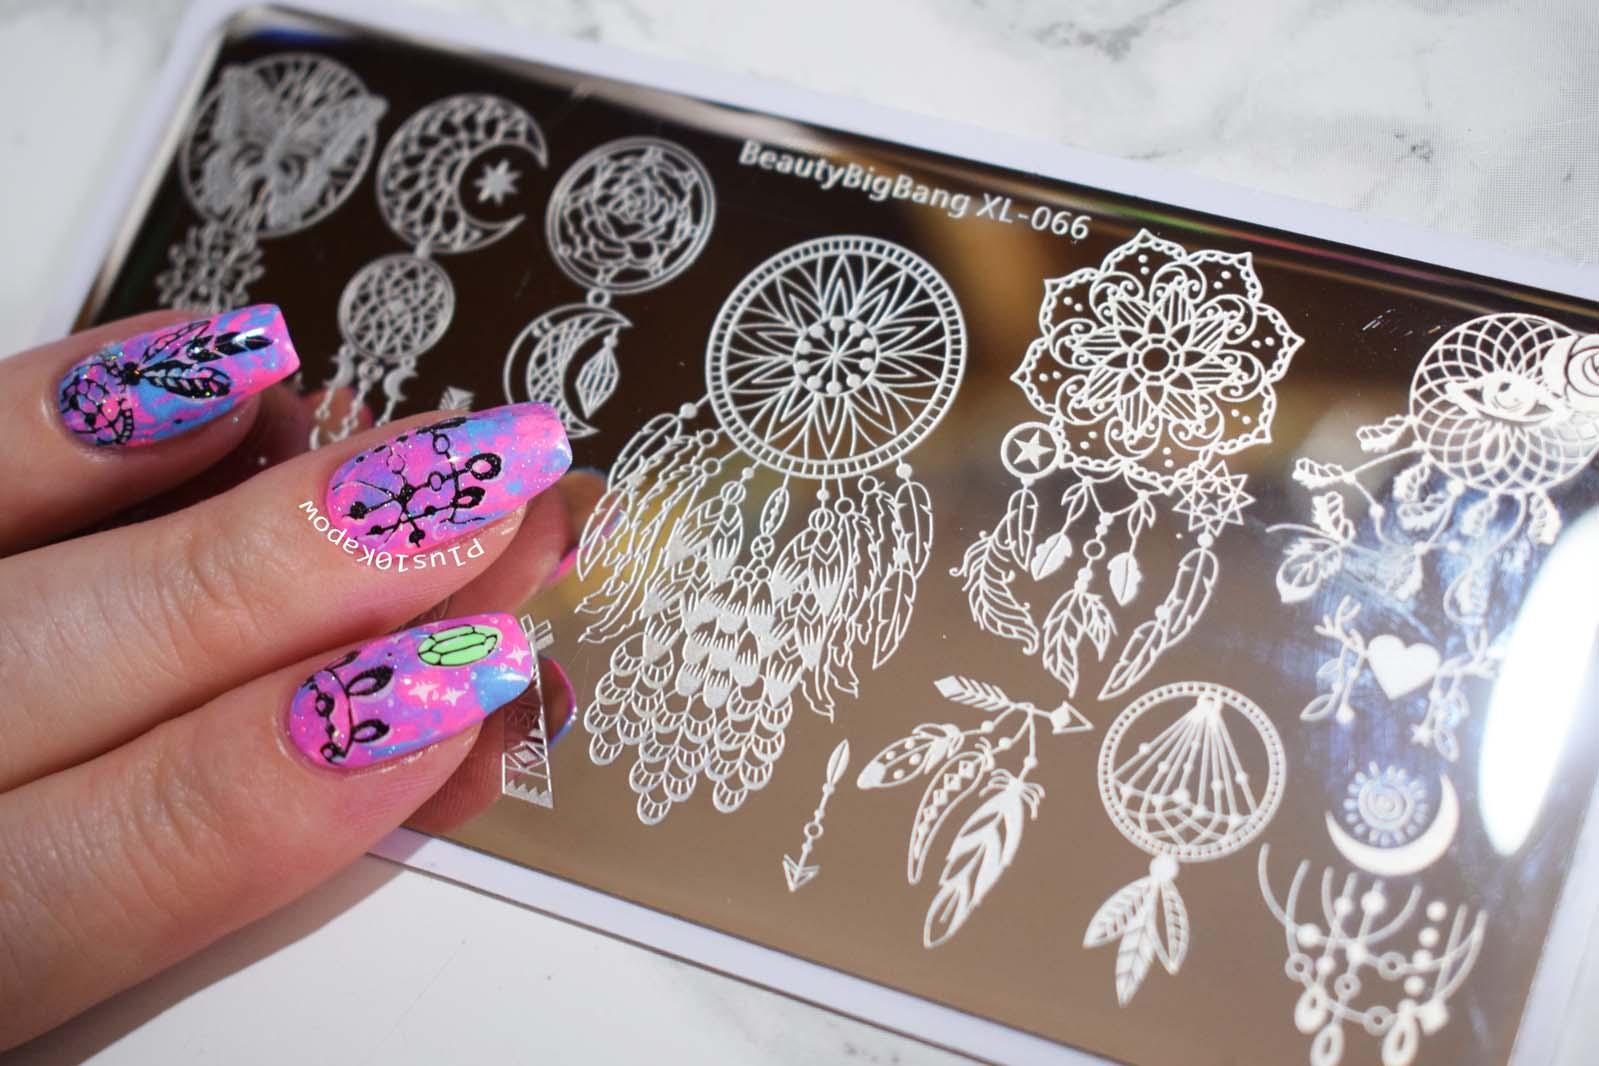 Beauty Big Bang Xl-066 stamping plate